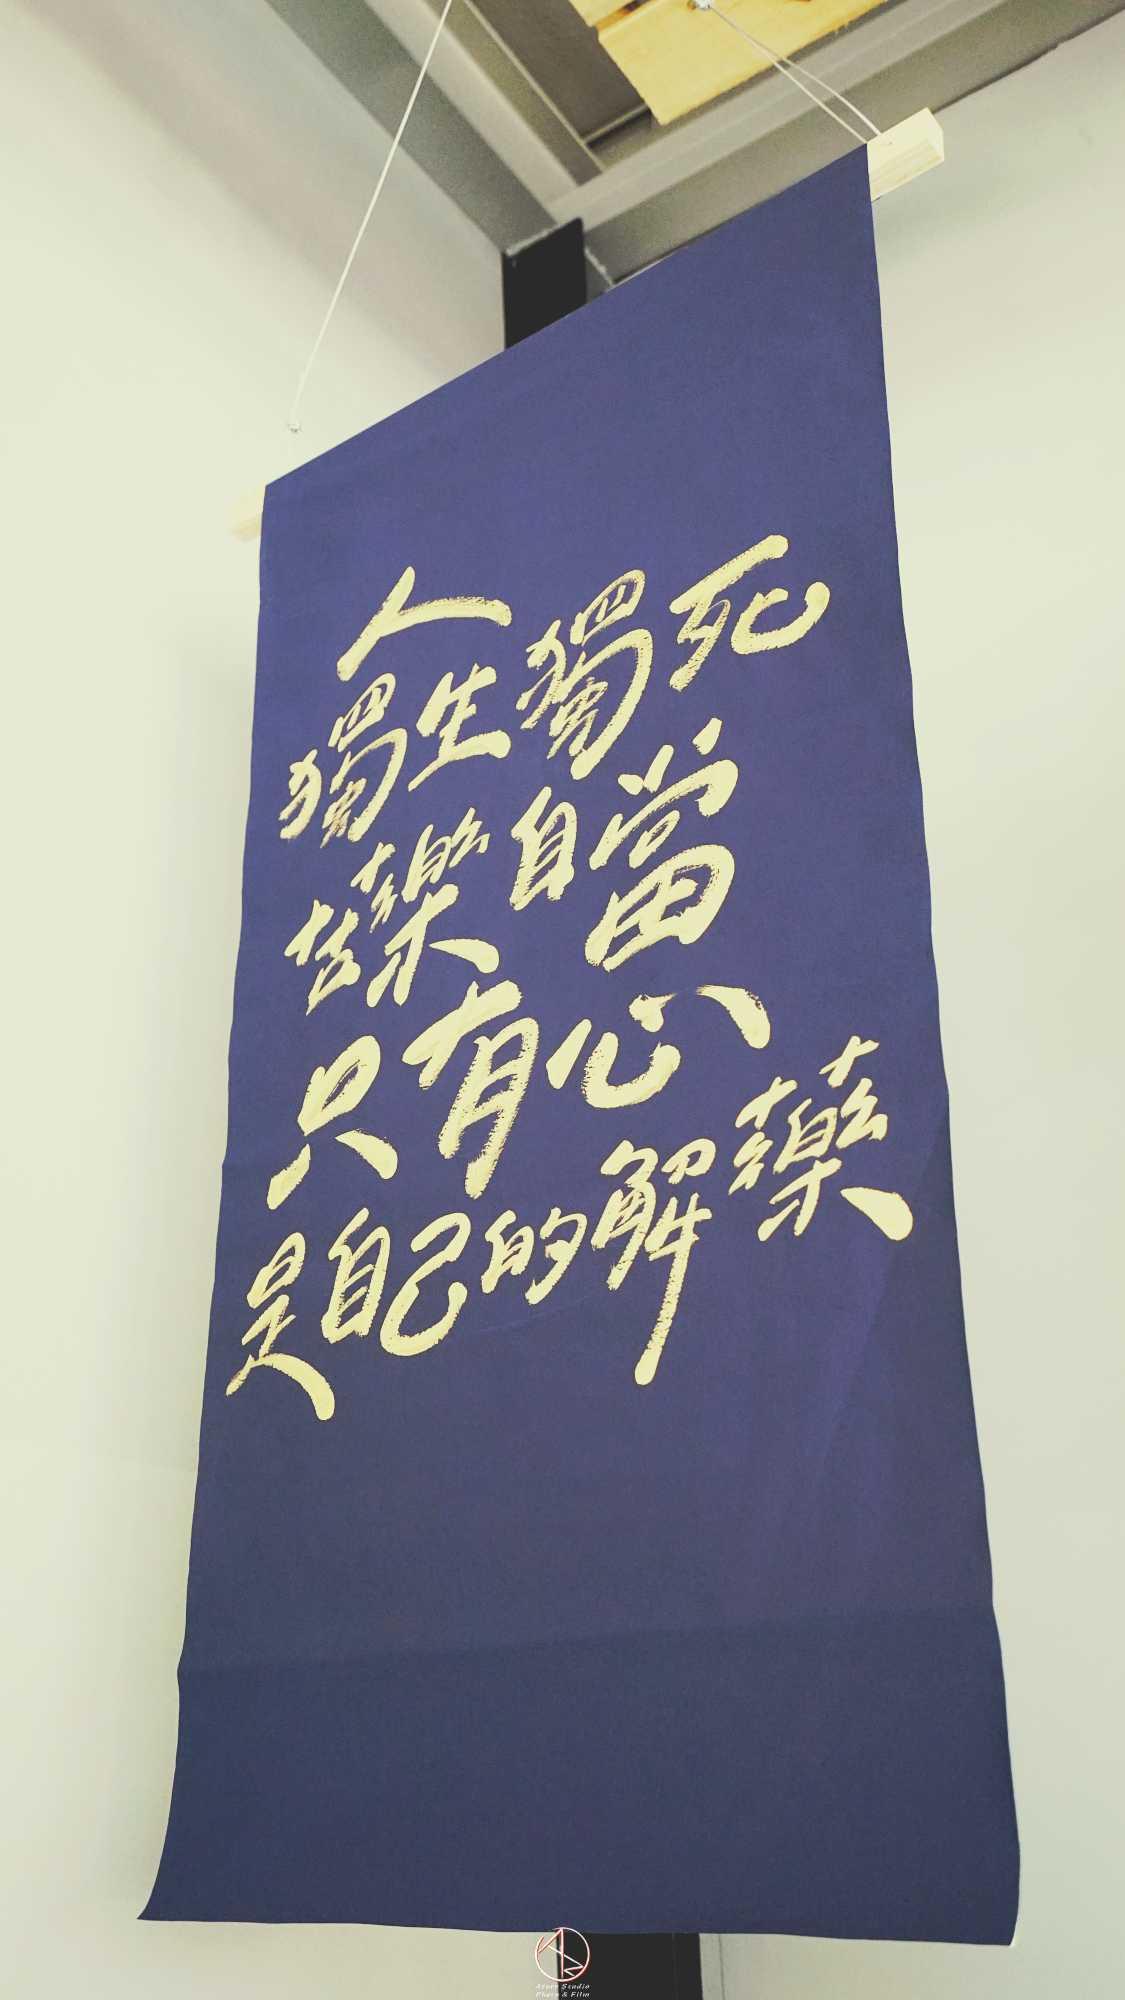 和平青鳥書店,今晚我是手,捷運麟光站